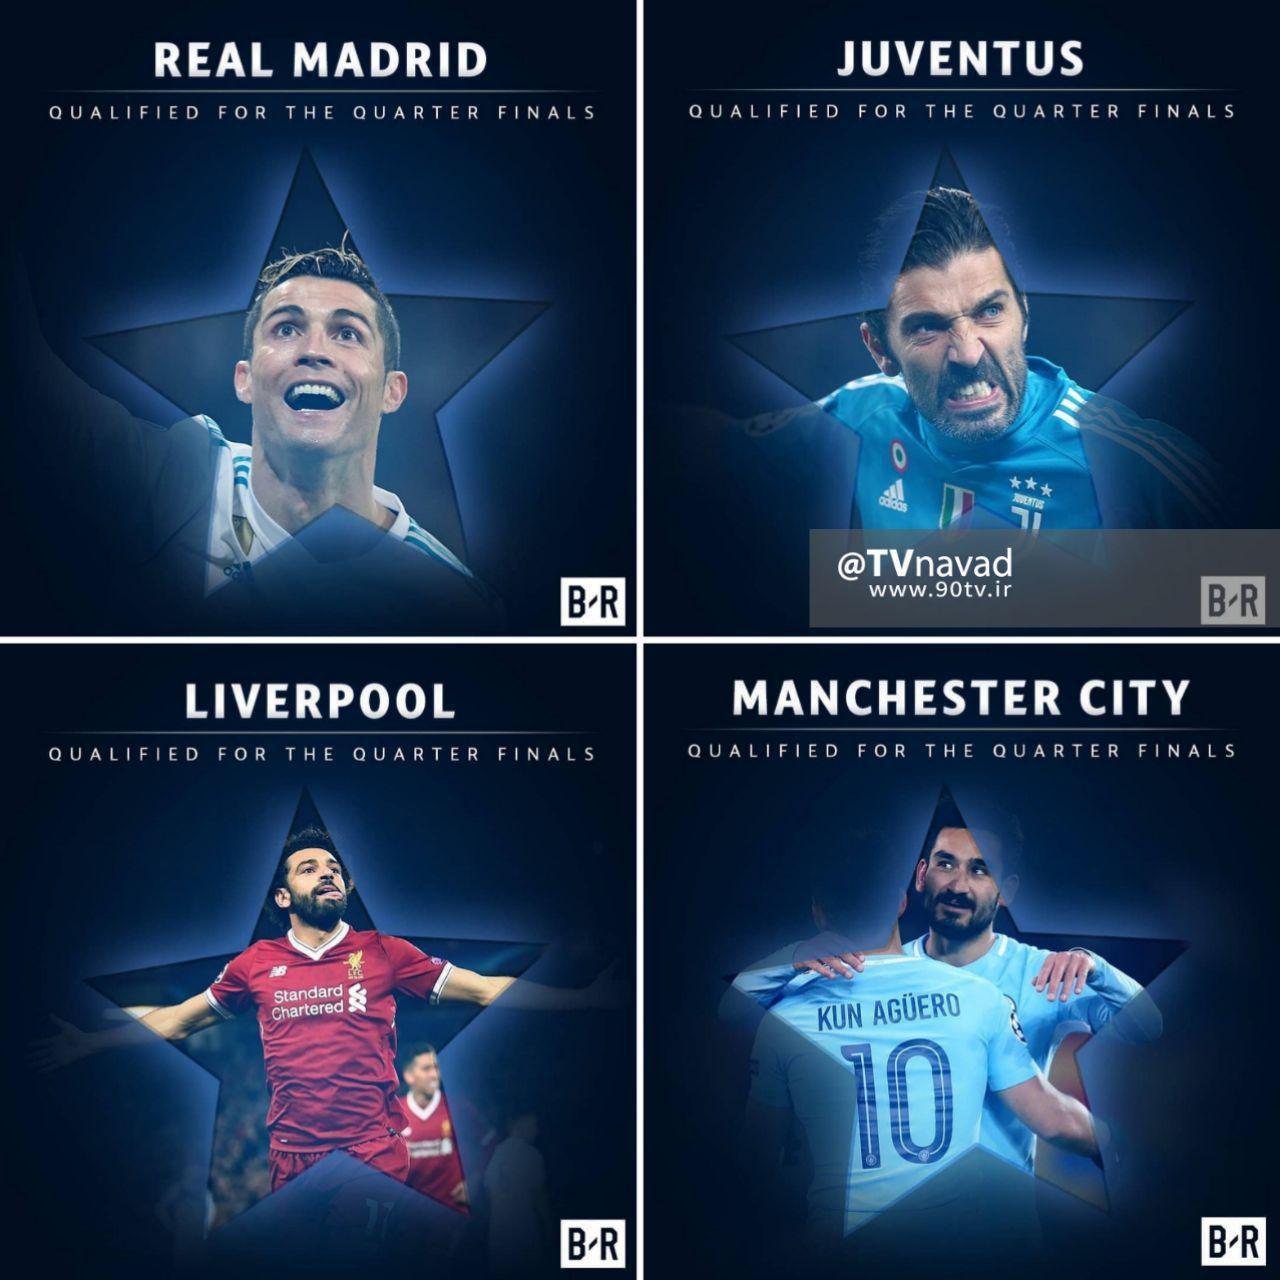 تیم های صعود کرده به دور بعدی لیگ قهرمانان اروپا تاکنون